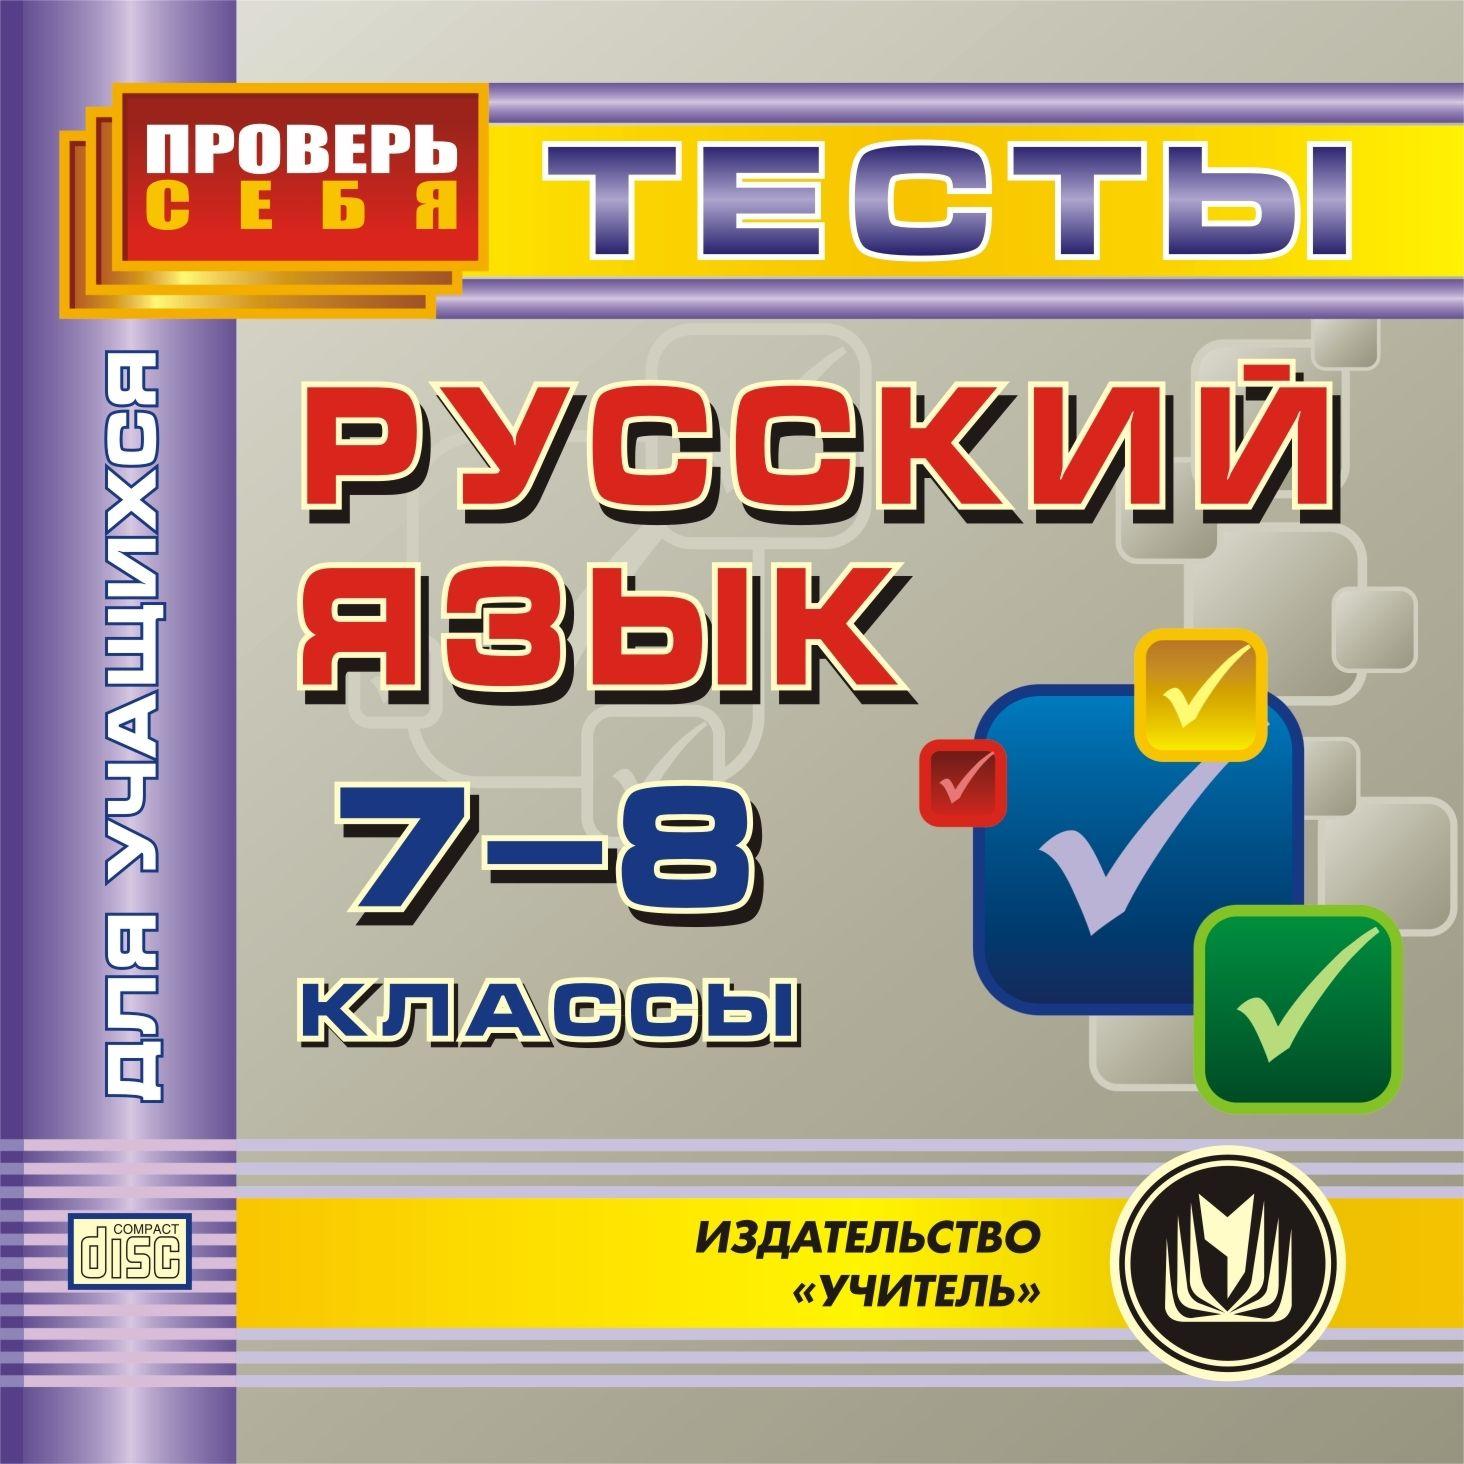 Русский язык. 7-8 классы. Тесты для учащихся. Компакт-диск для компьютера